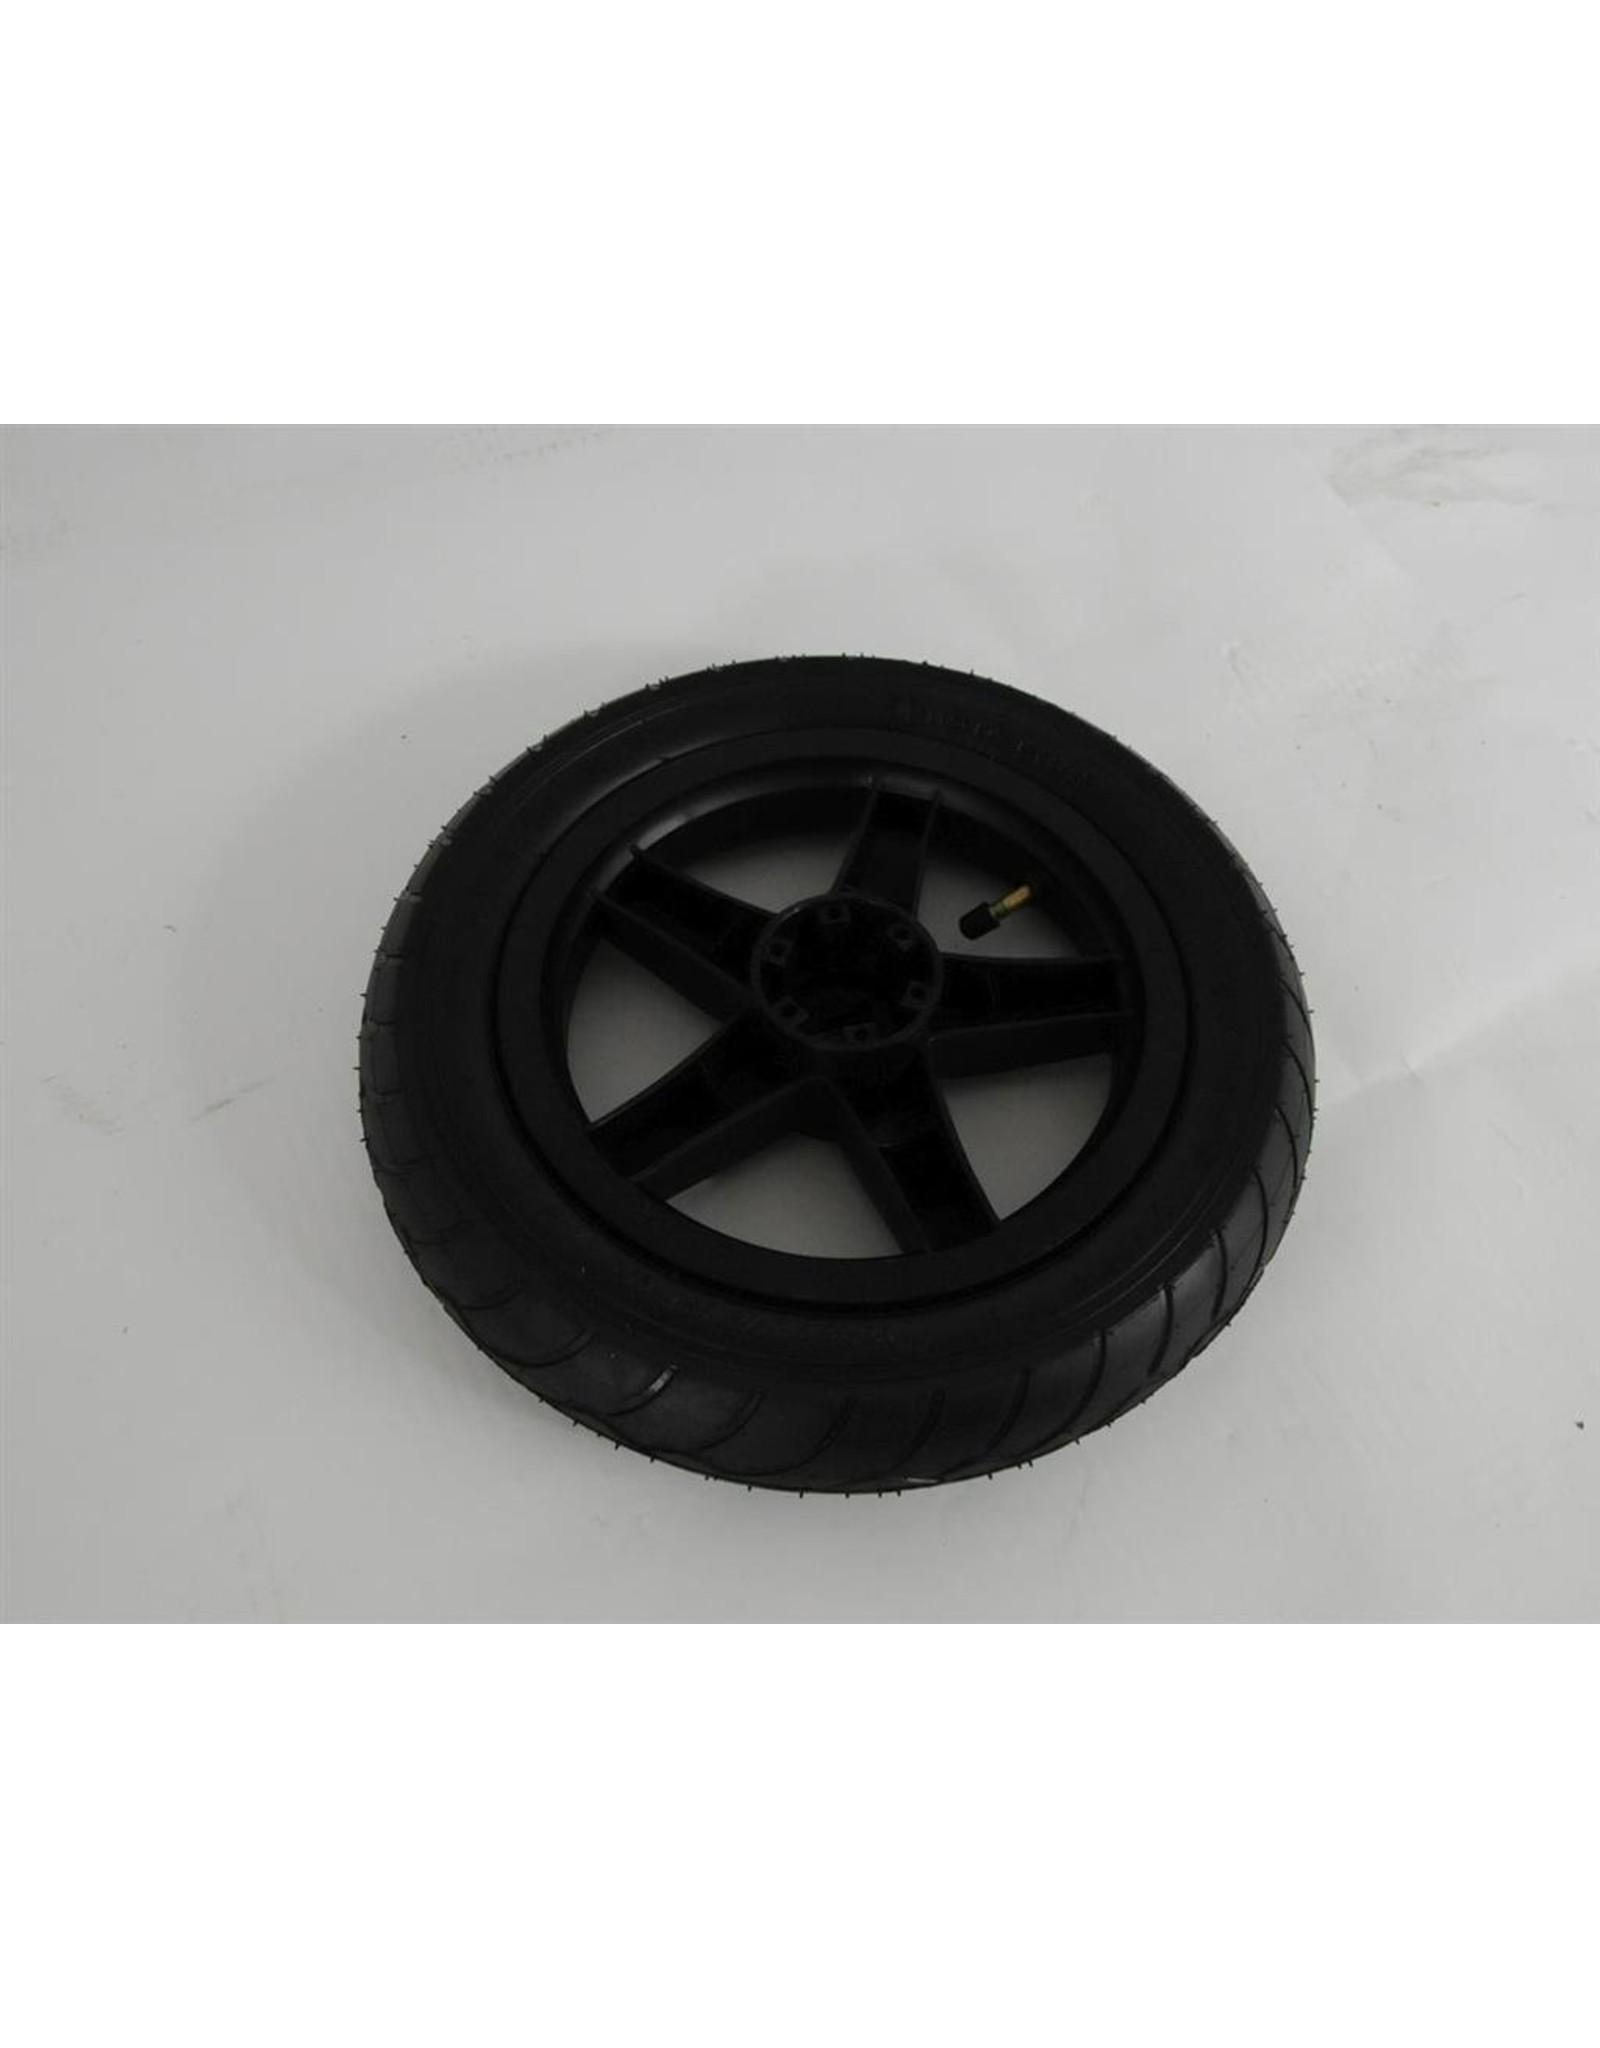 BERG BERG Buddy wiel 12,5X8 zwart slick -aandrijf